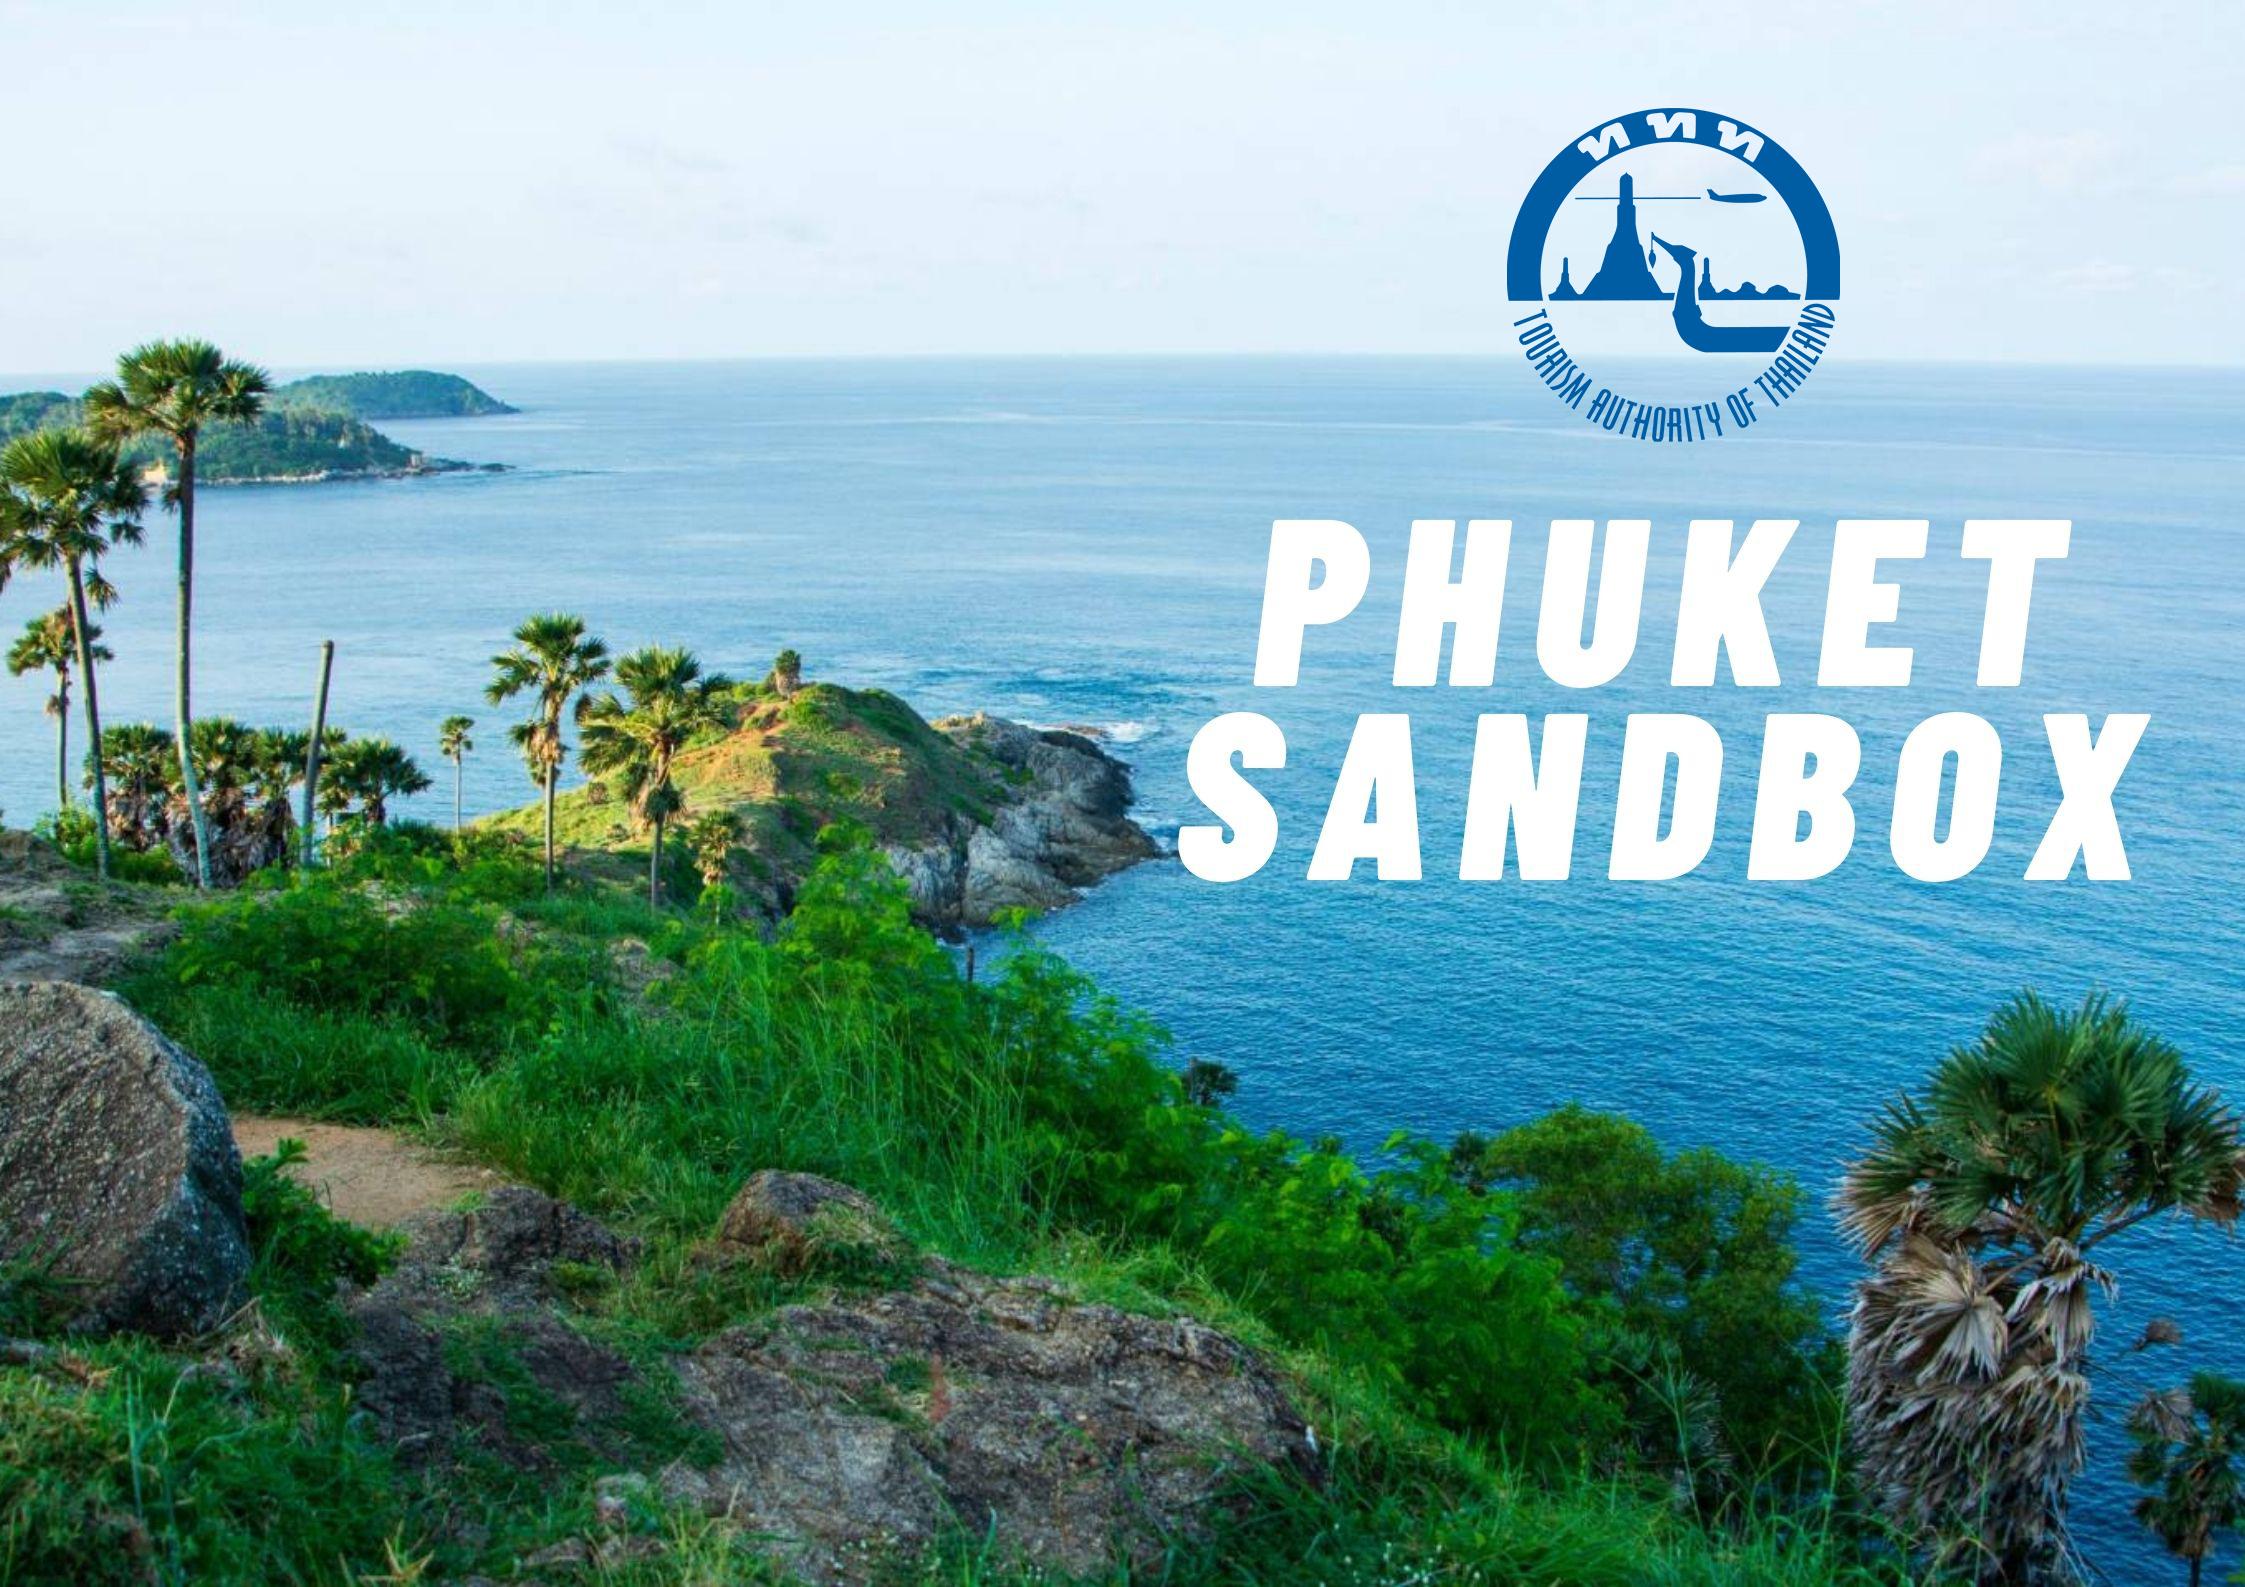 ภูเก็ตชี้แจงสถานการณ์ Phuket Sandbox หลังเปิดโครงการฯ 7 วัน พร้อมคุมเข้มการปฏิบัติตามมาตรการ ความปลอดภัยที่วางเอาไว้